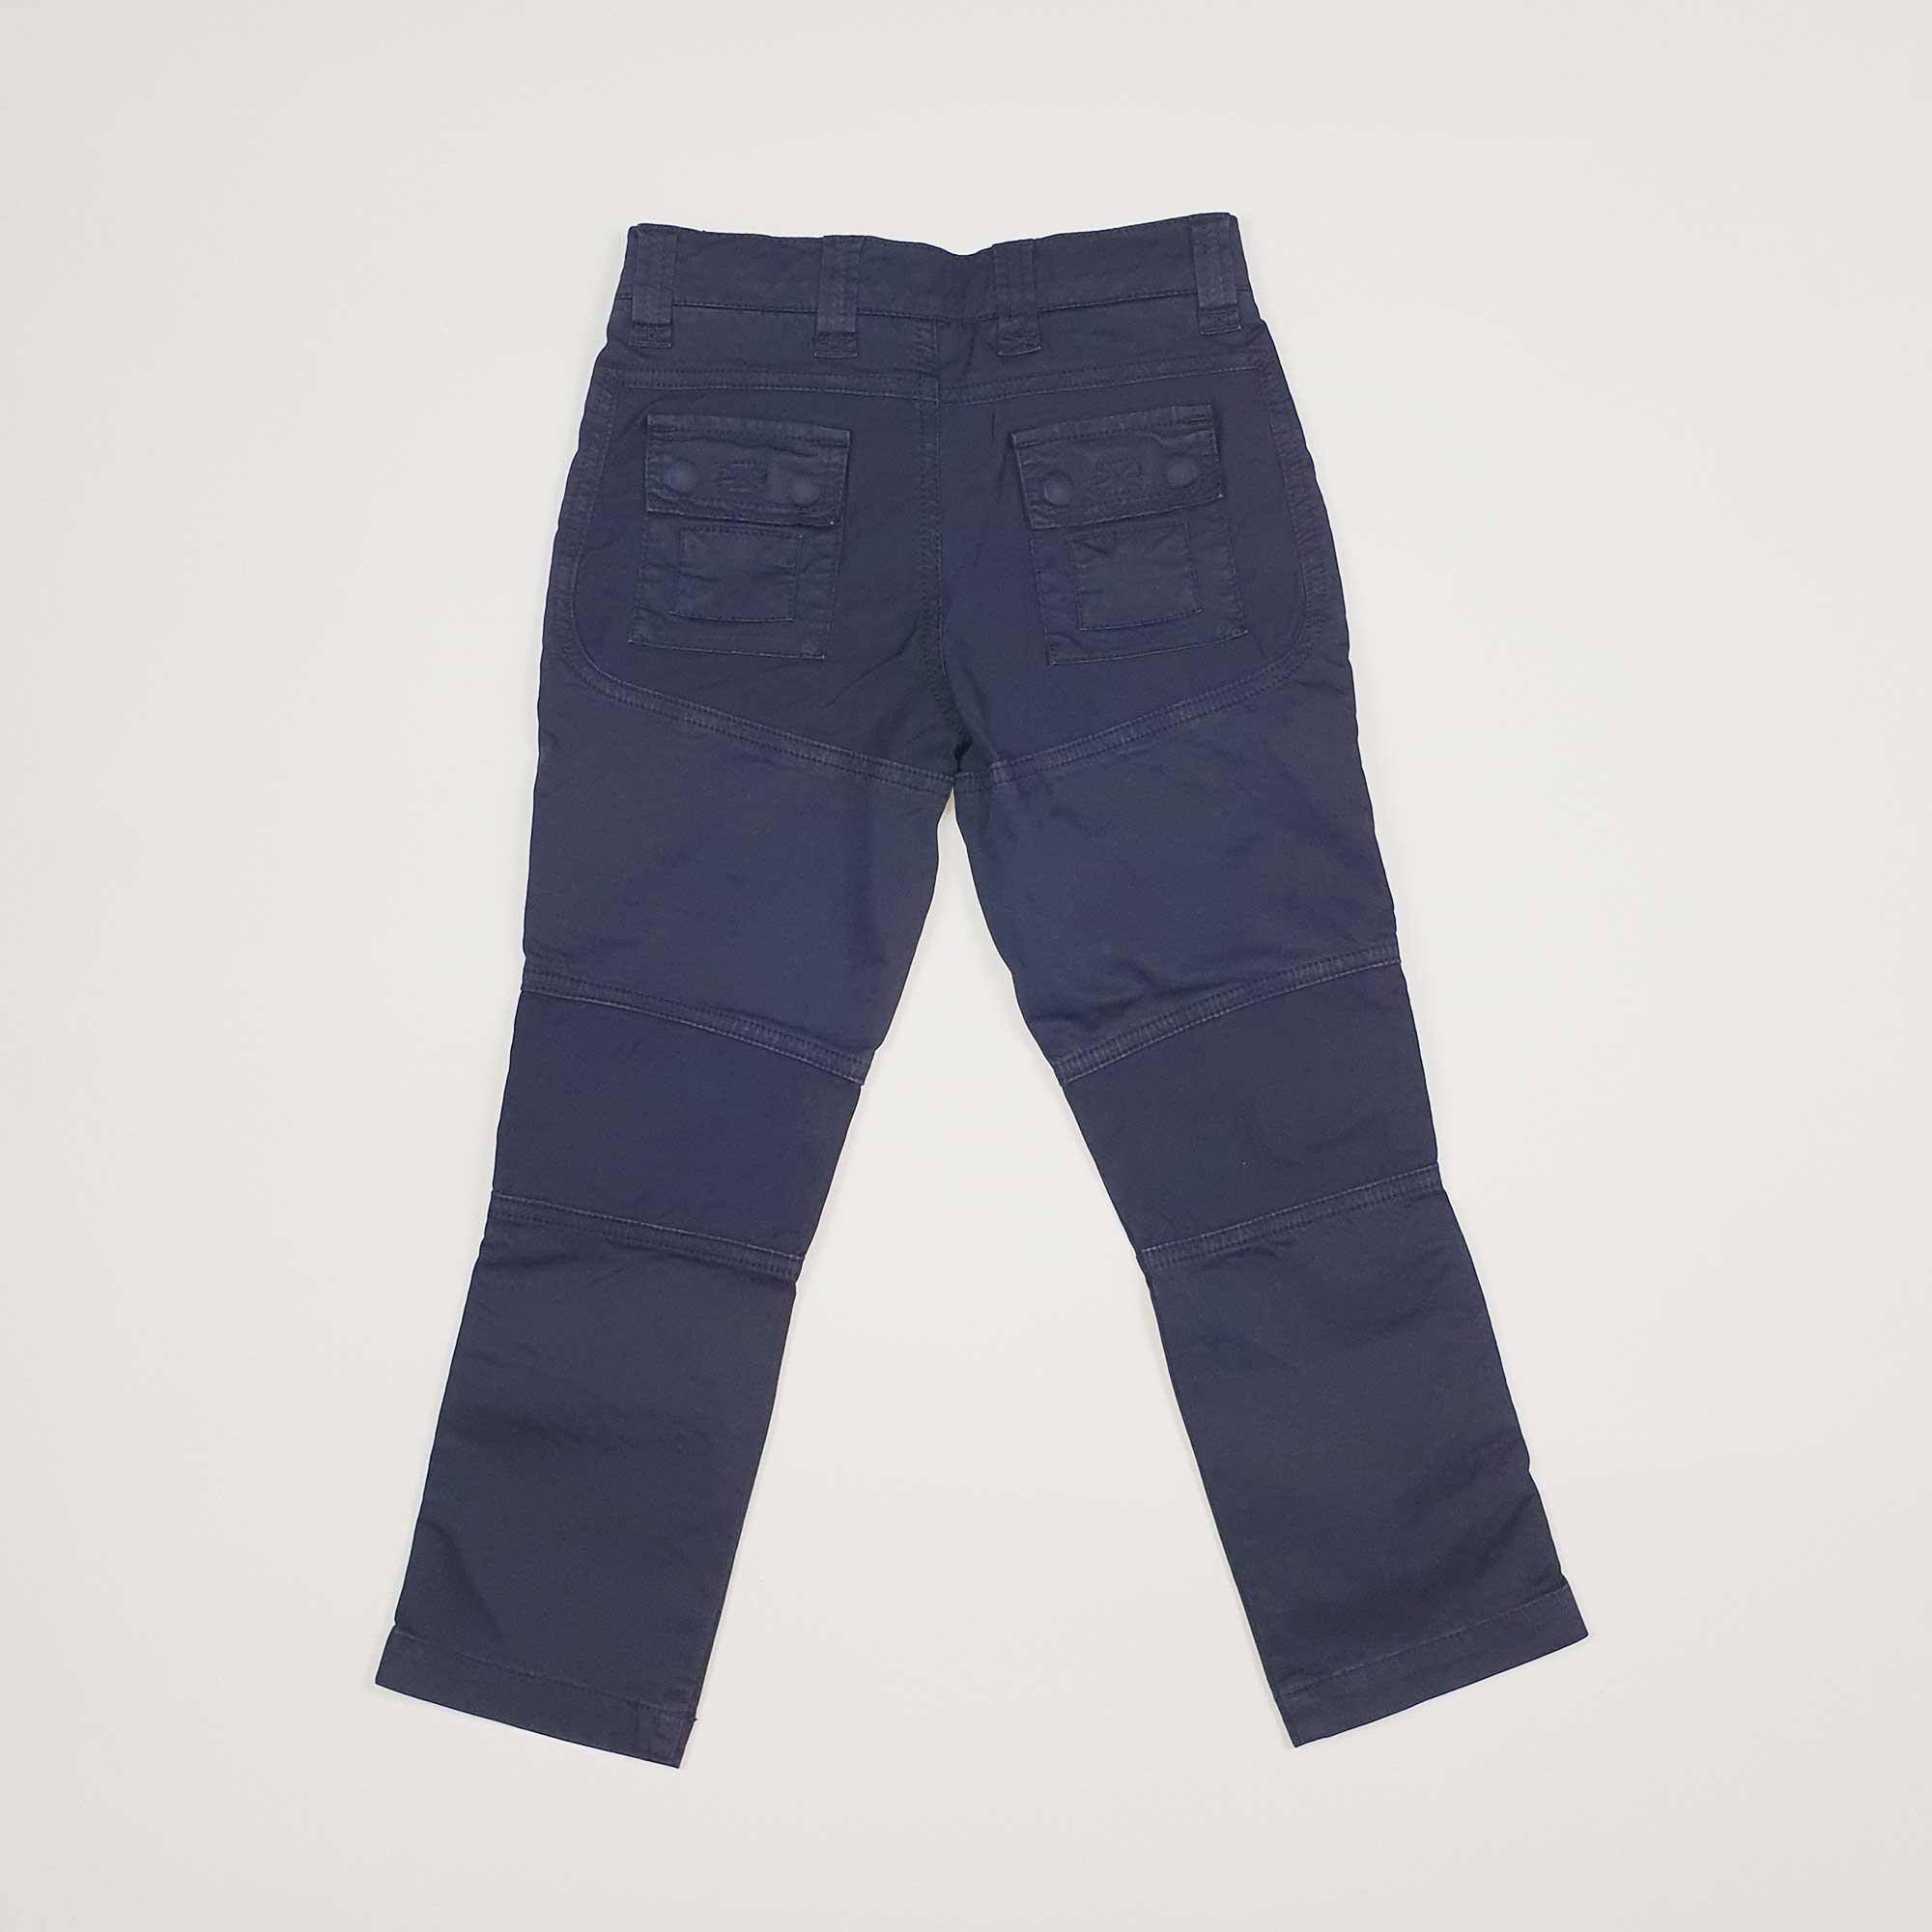 Pantalone anti-g - Blu Navy